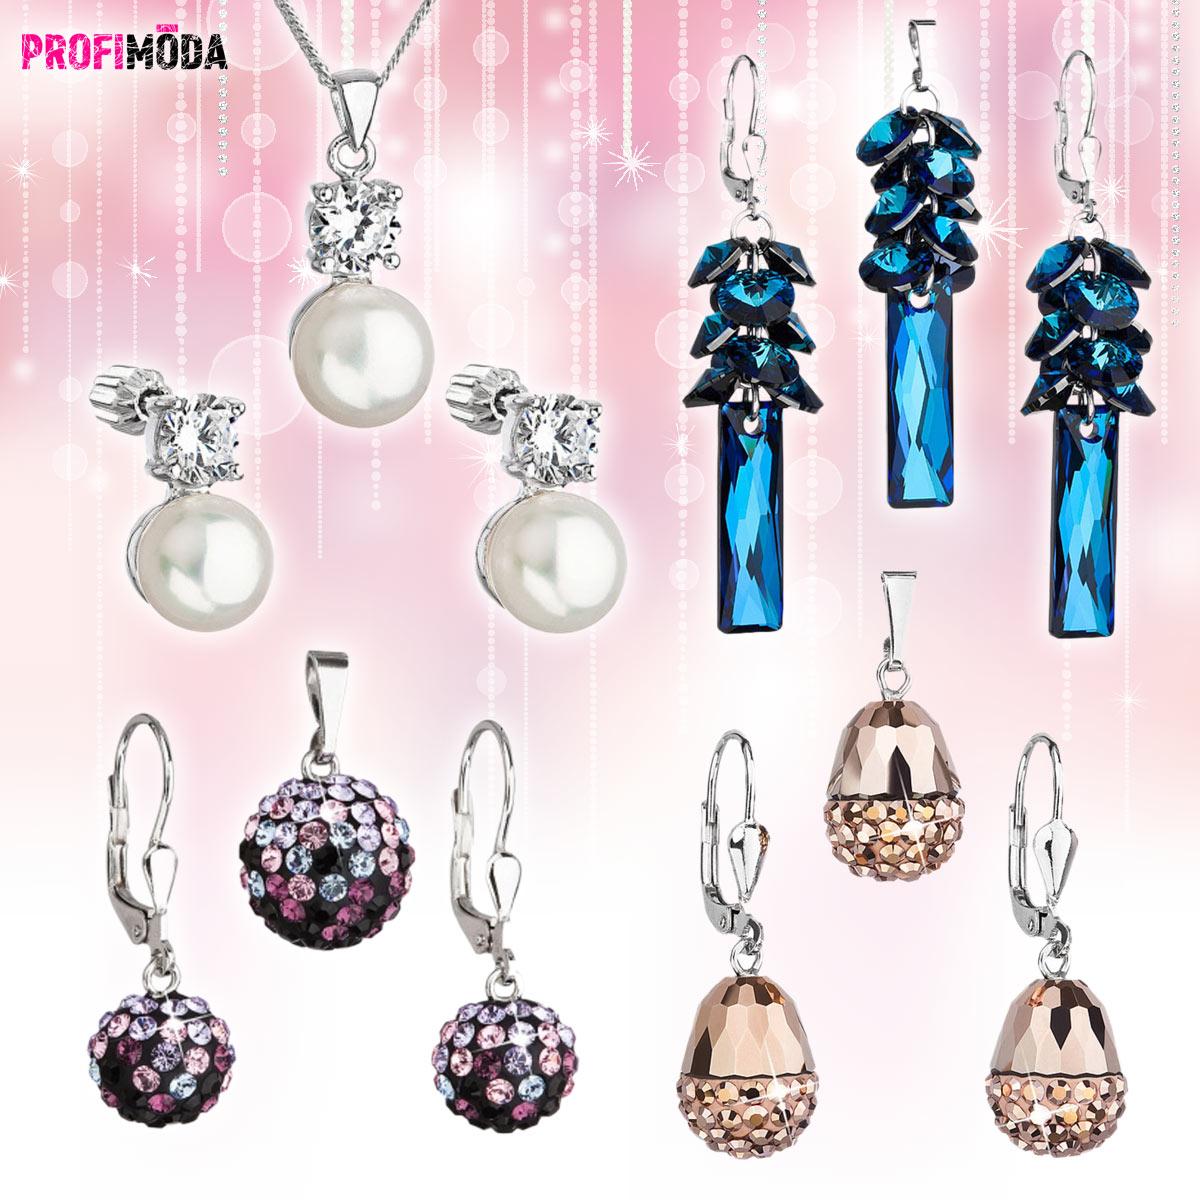 Šperky Swarovski potěší i jako dárek ke Dni matek.